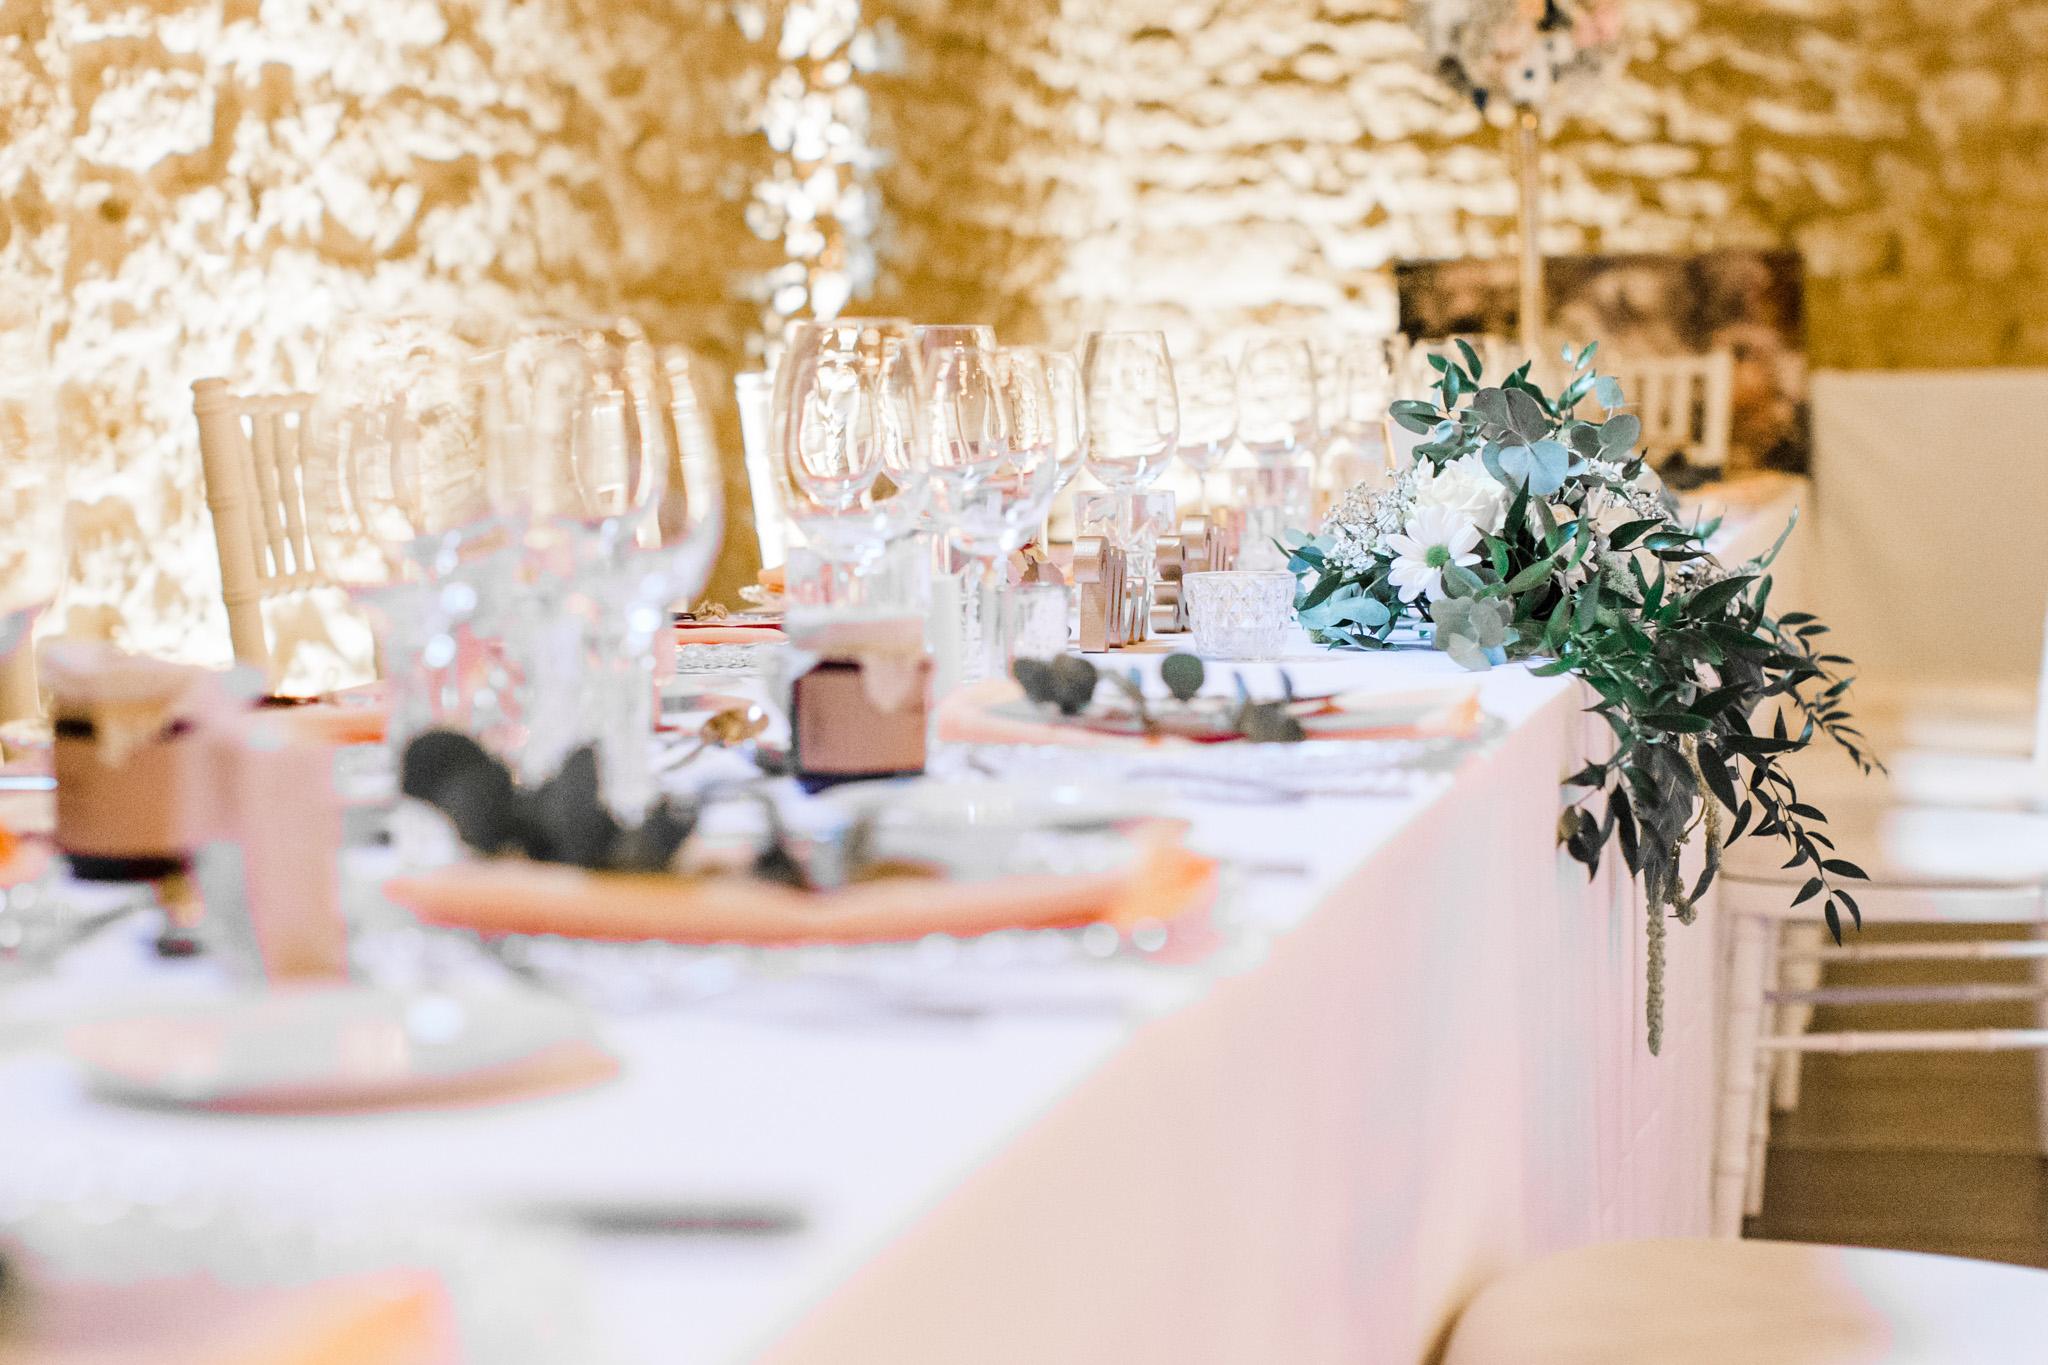 décoration table des mariés mariage